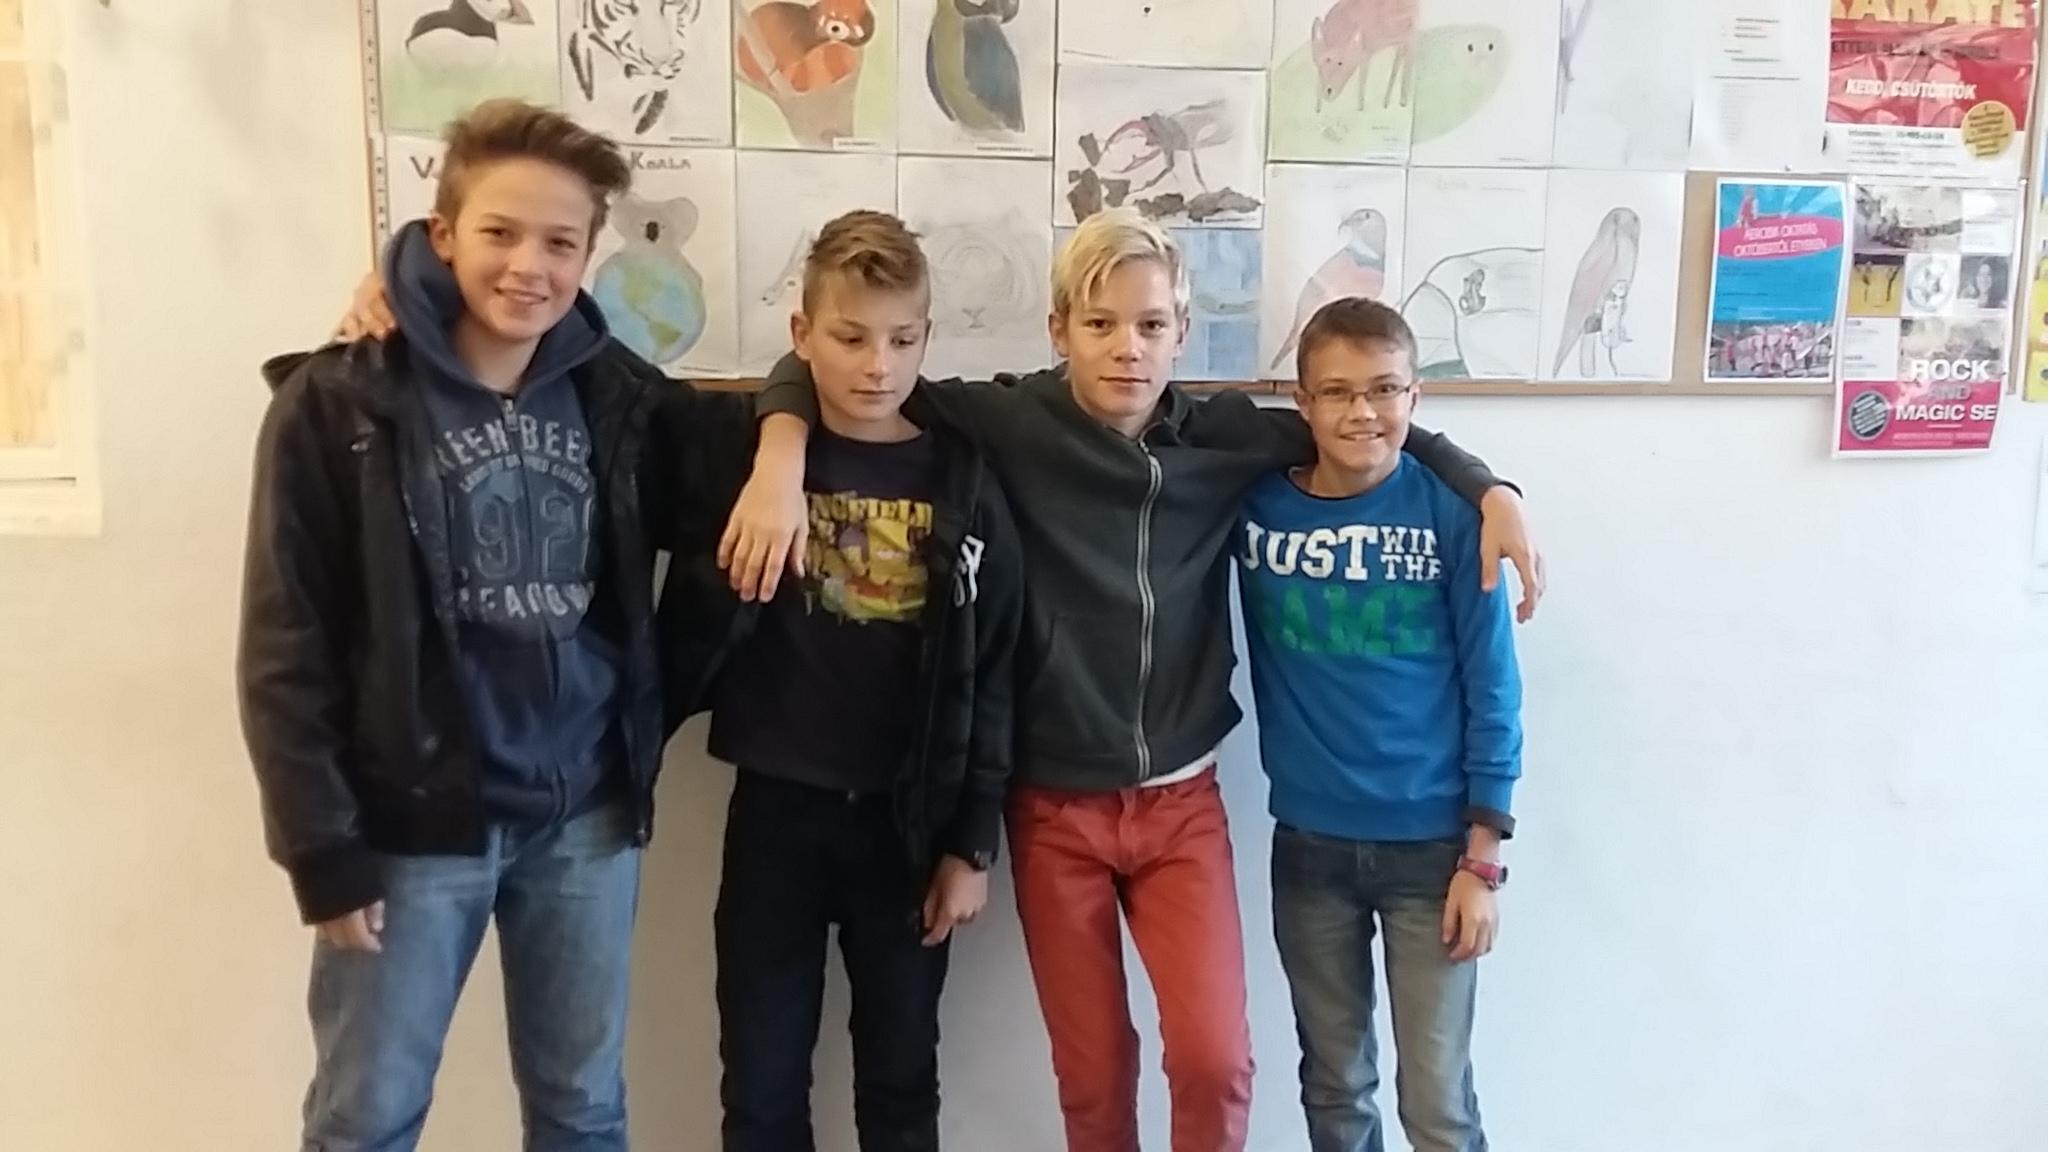 A legsikeresebb felsős csapat: Franta Ákos, Nyeste Dávid, Varga Dániel, Farkas Bence.